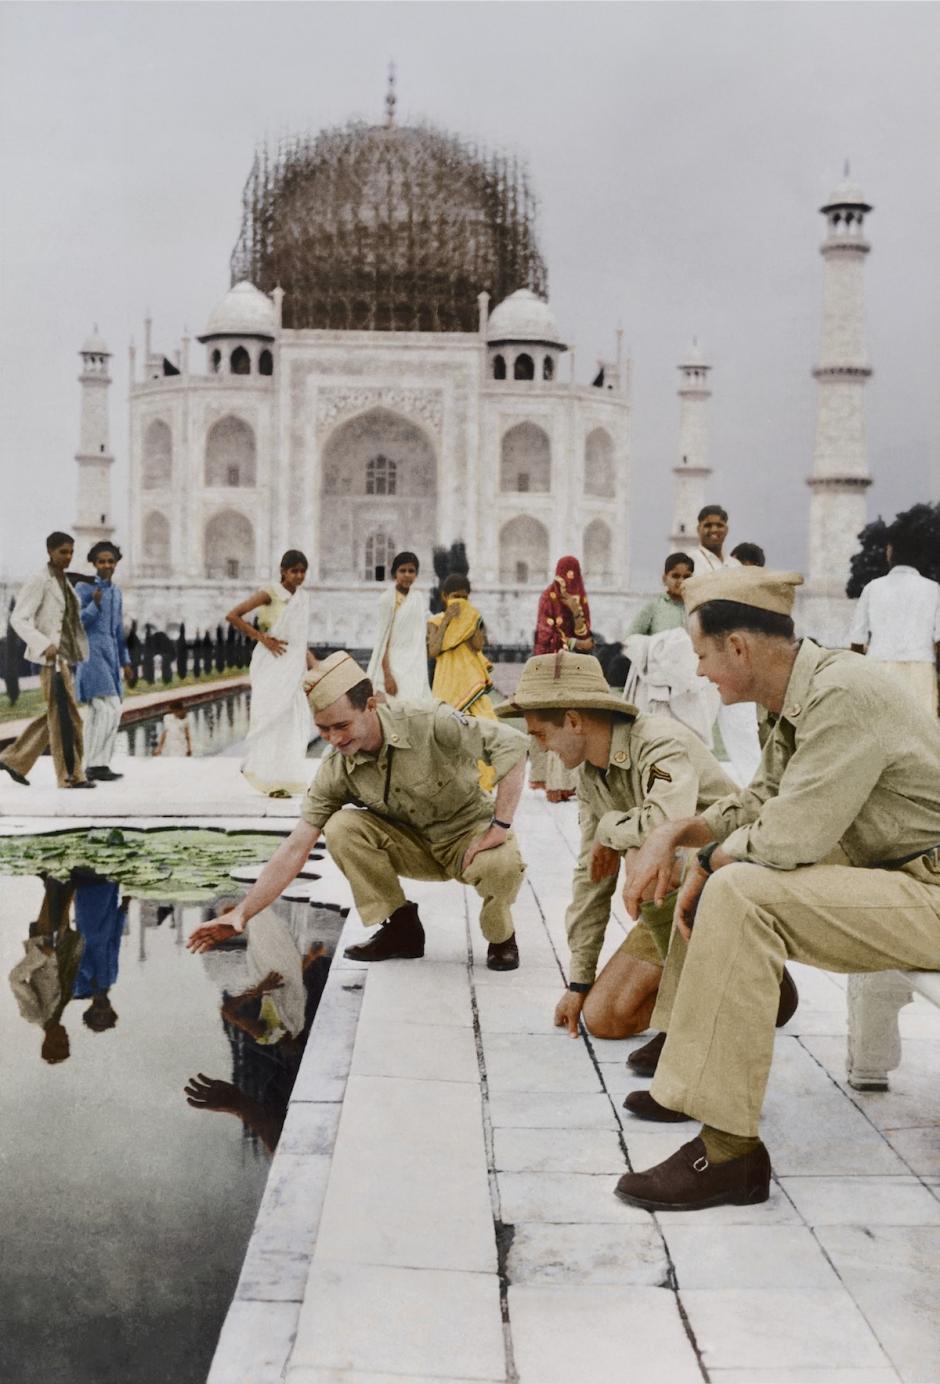 Restauración del Taj Mahal, India, 1942. Un soldado de primera clase tratando de atrapar un pez en la piscina de mármol. (Foto: The Paper Time Machine)